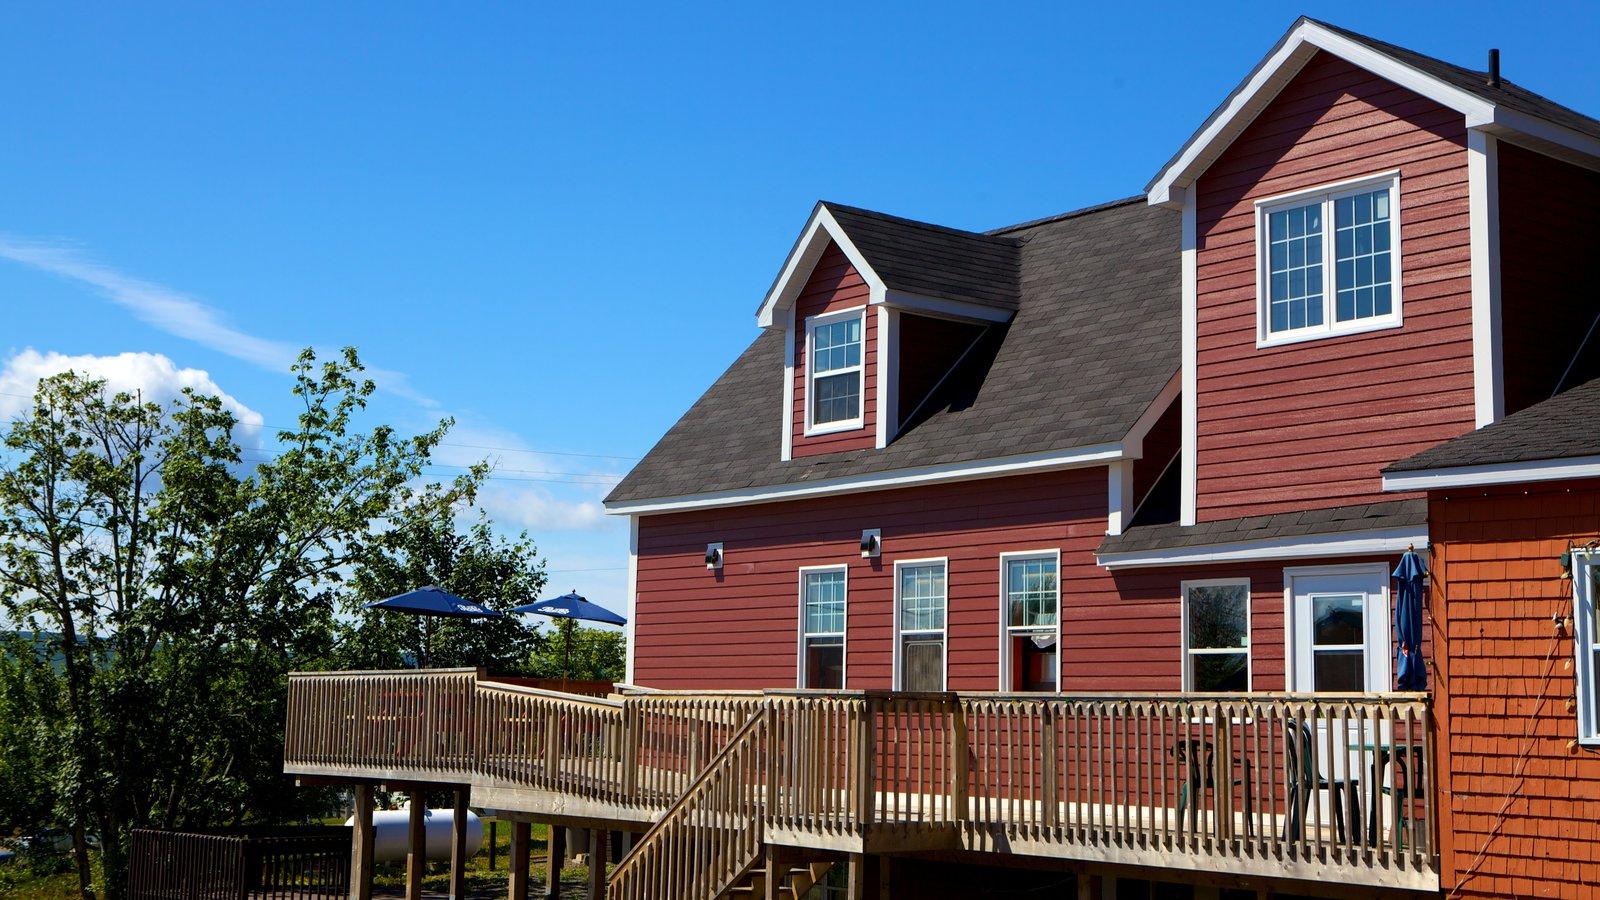 Baddeck caracterizando uma casa